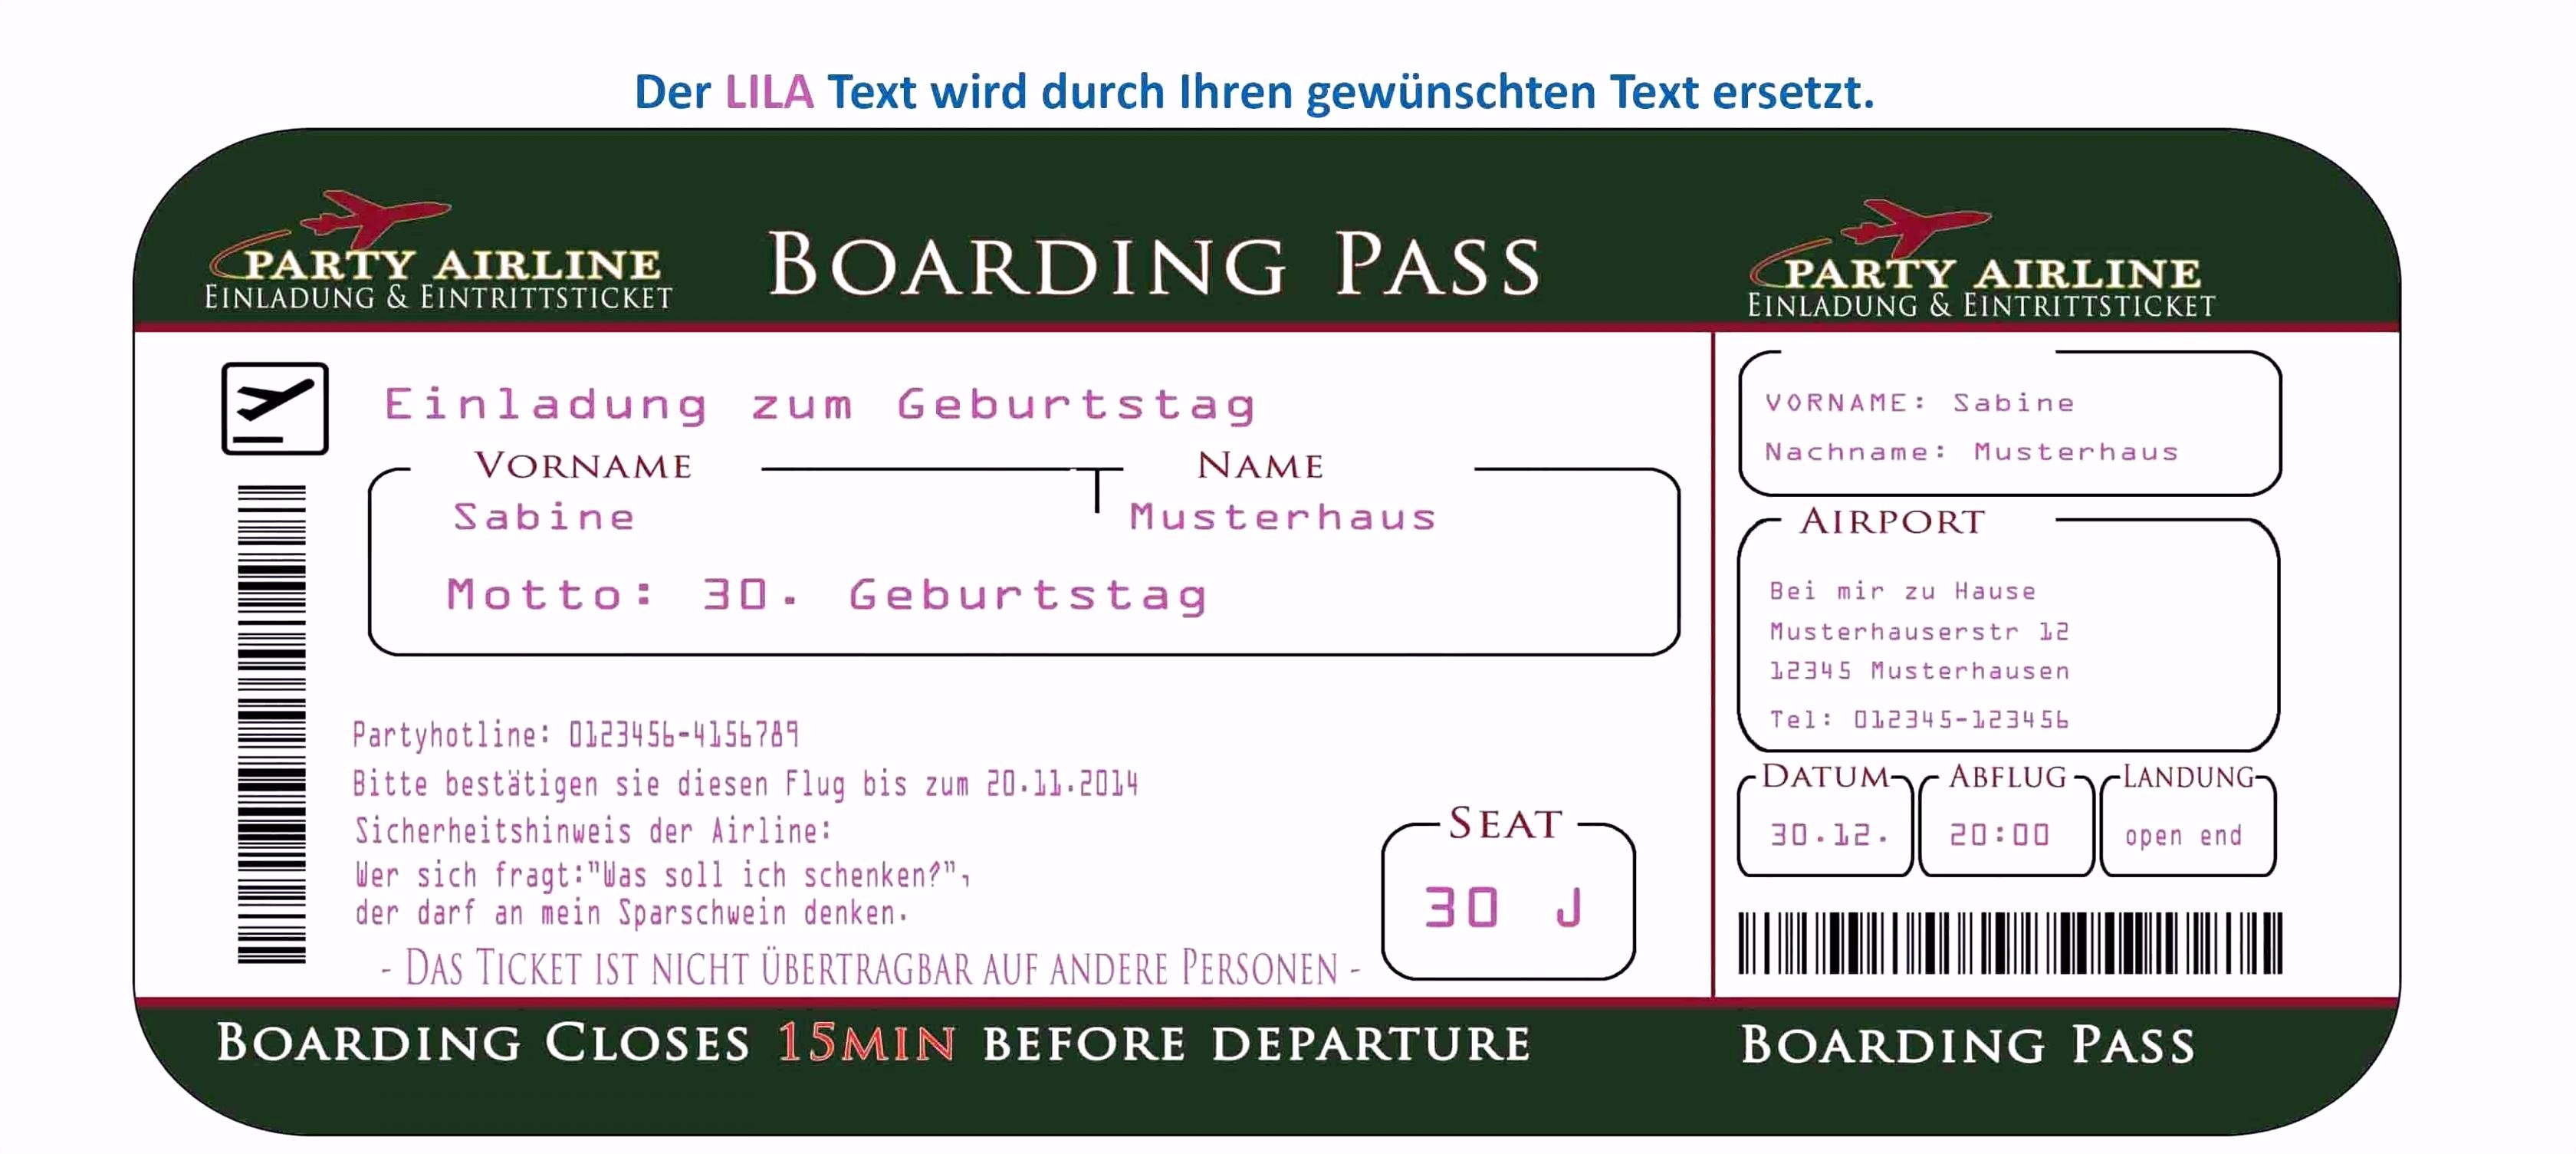 25 Frisch Kündigung Ticket 2000